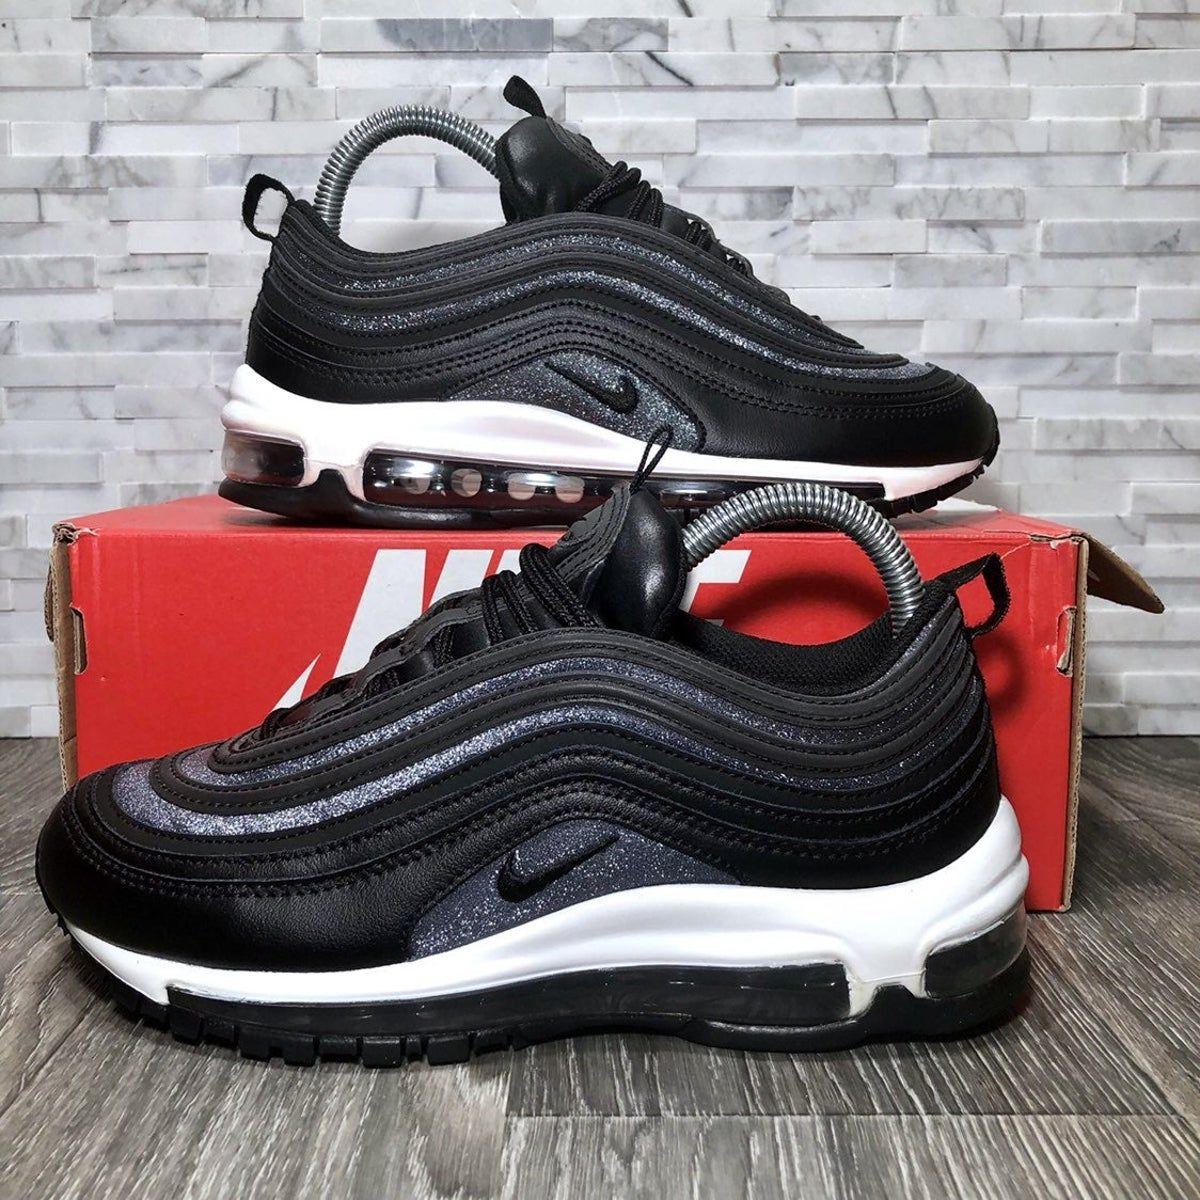 Nike Air Max 97 PRM Black \u0026 Glitter in